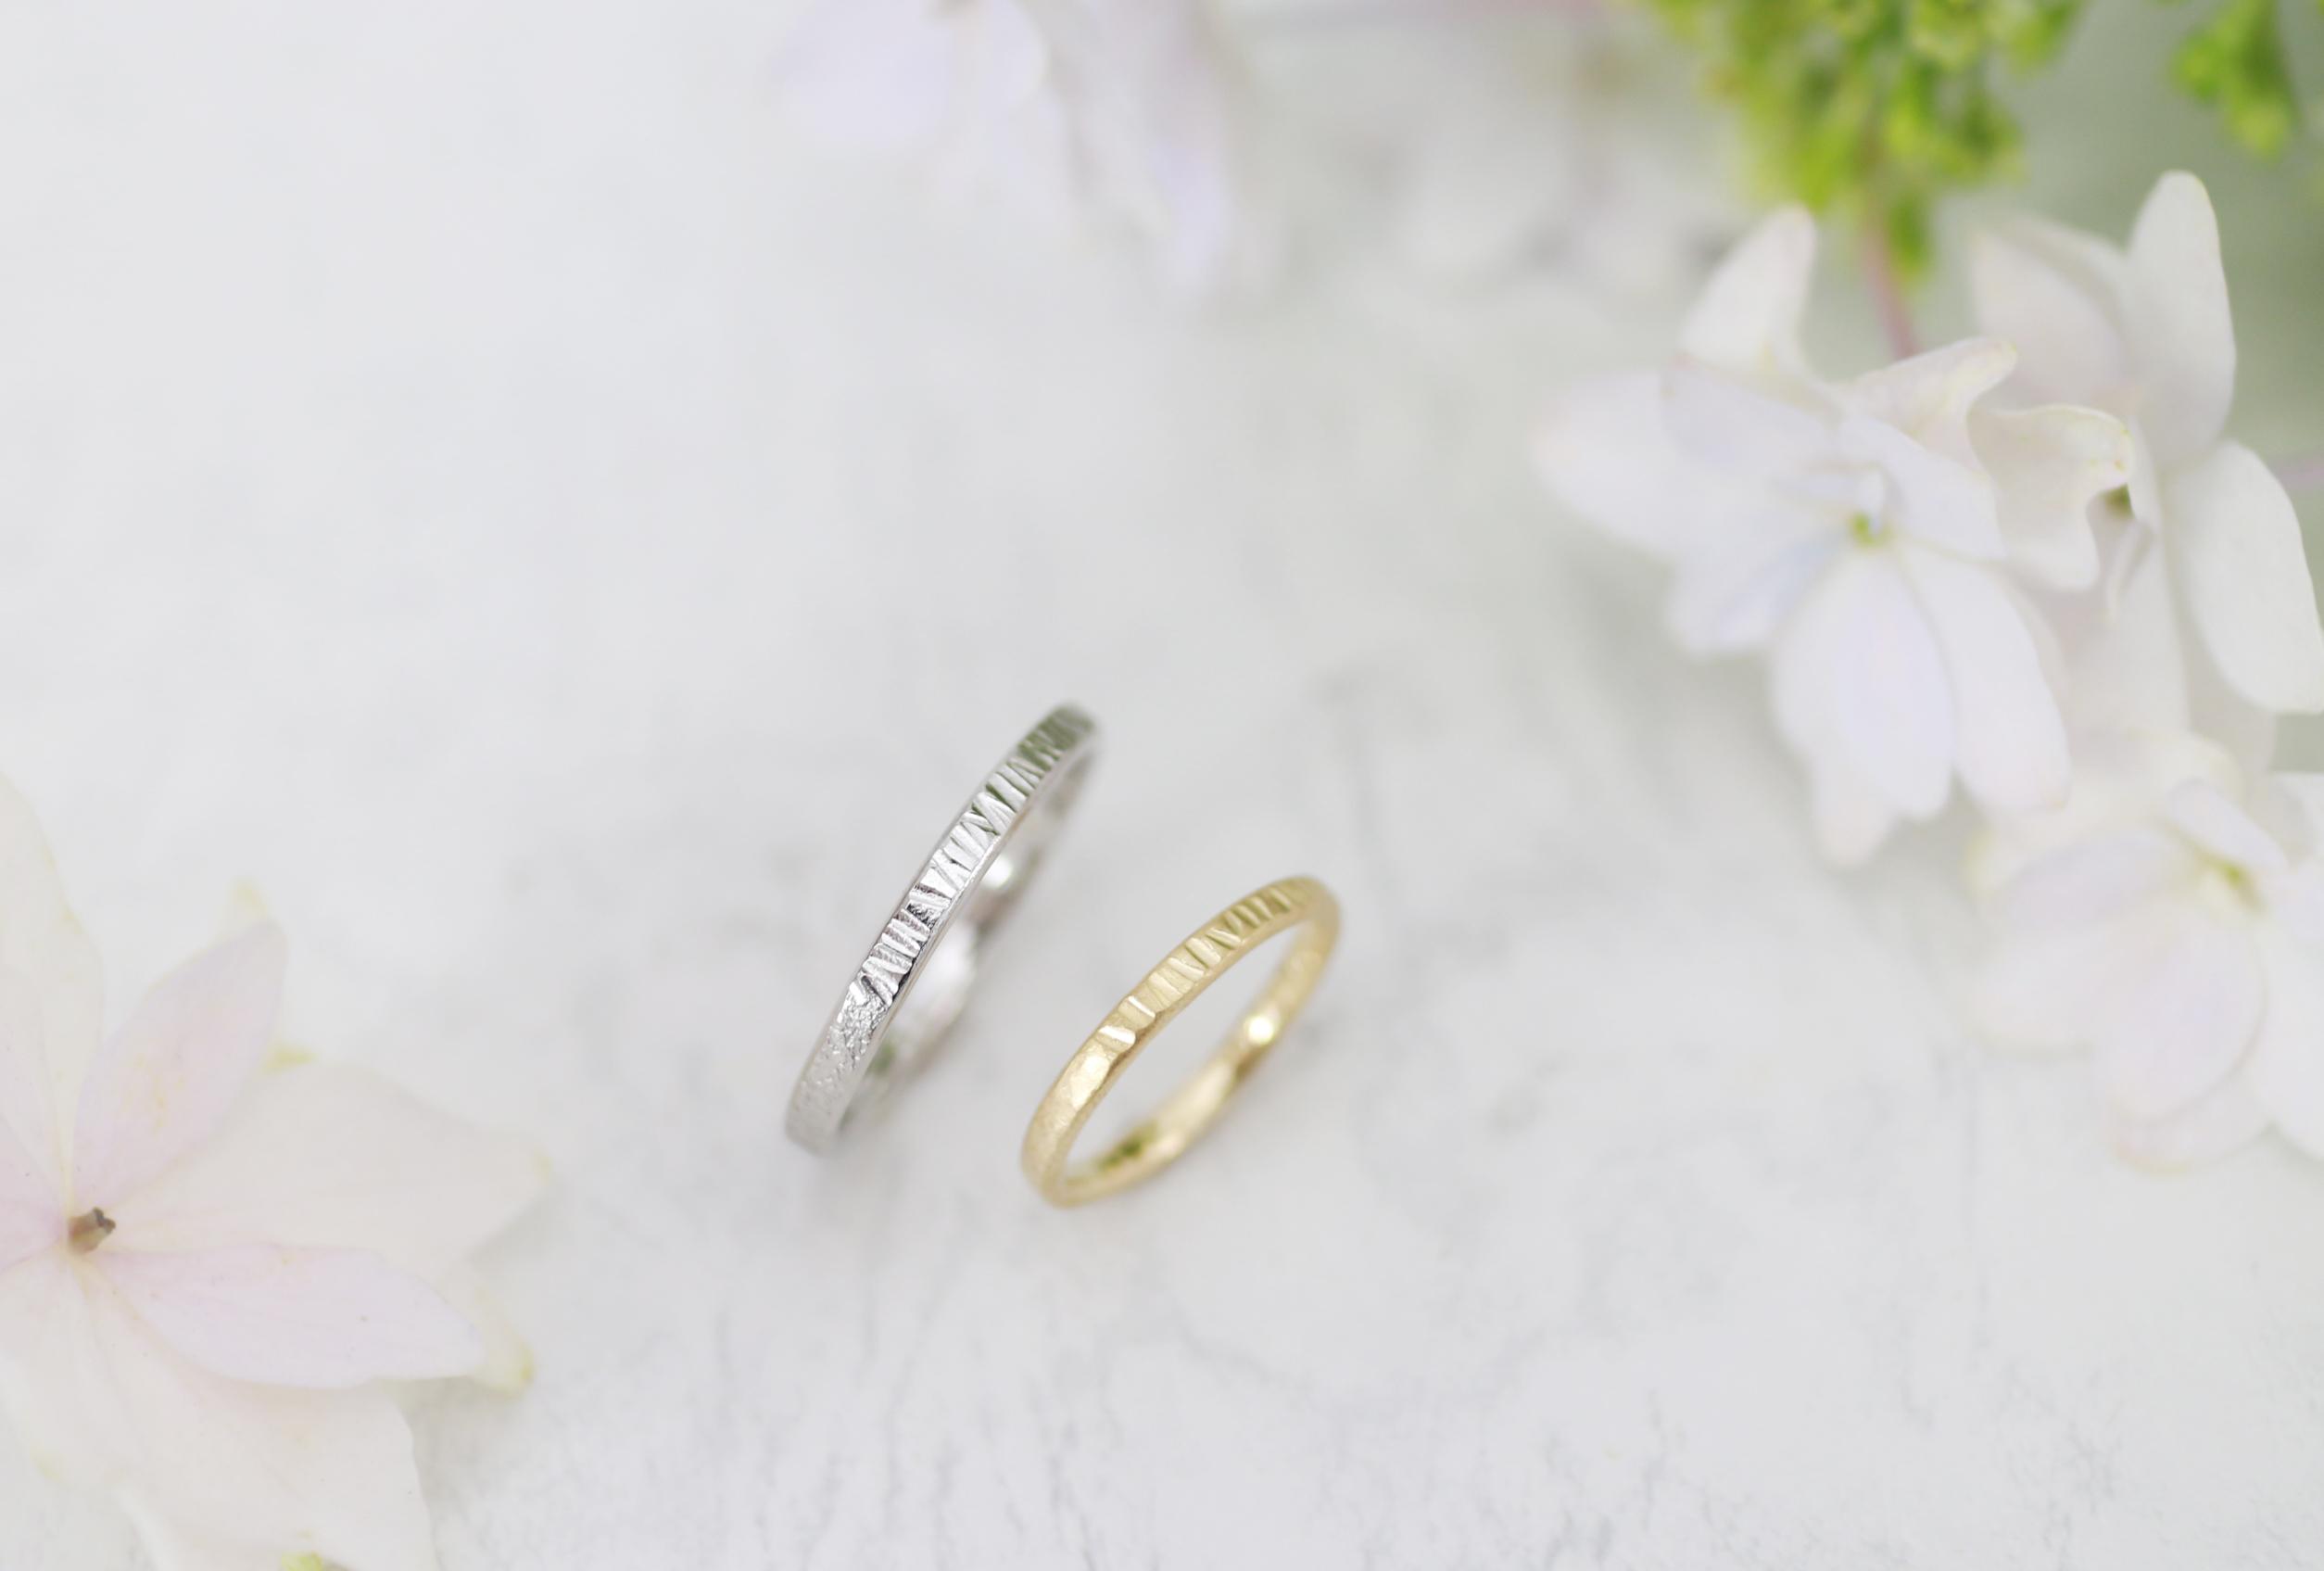 半分づつデザインを変えた手作り結婚指輪